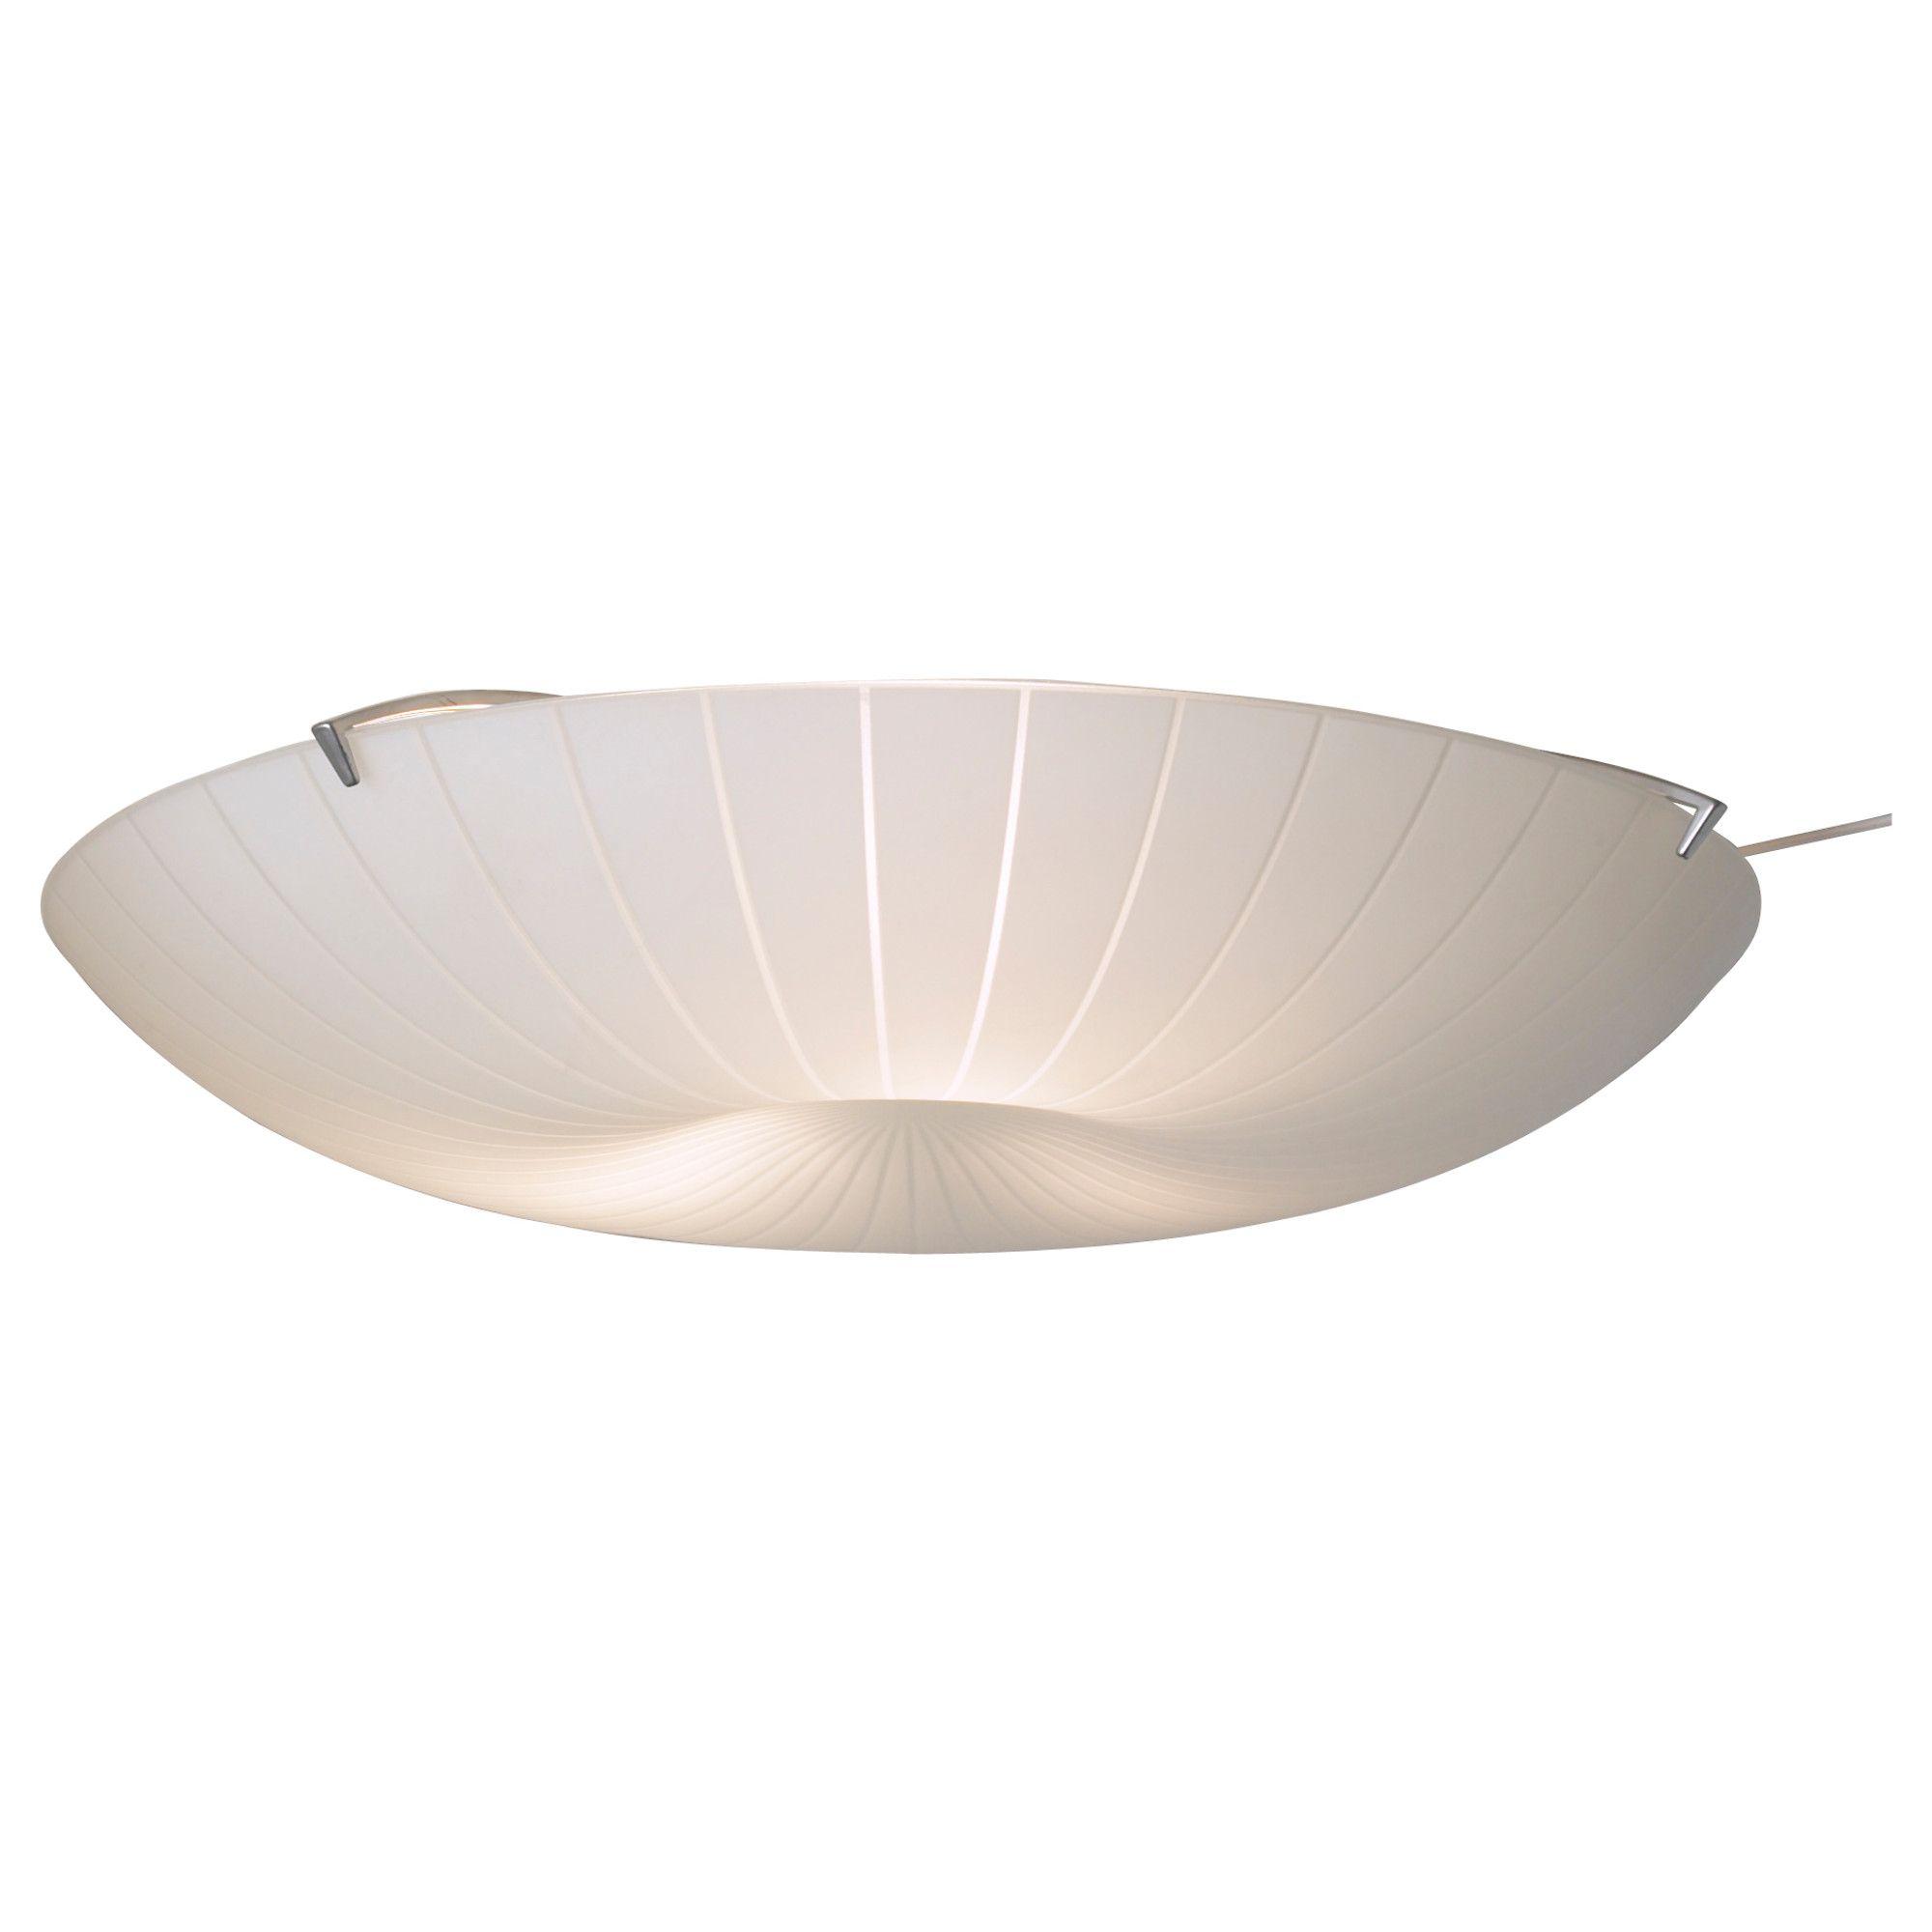 Full Size of Ikea Deckenlampen Calypso Ceiling Lamp White Beleuchtung Betten Bei Wohnzimmer Modulküche Sofa Mit Schlaffunktion Küche Kosten Modern 160x200 Für Miniküche Wohnzimmer Ikea Deckenlampen